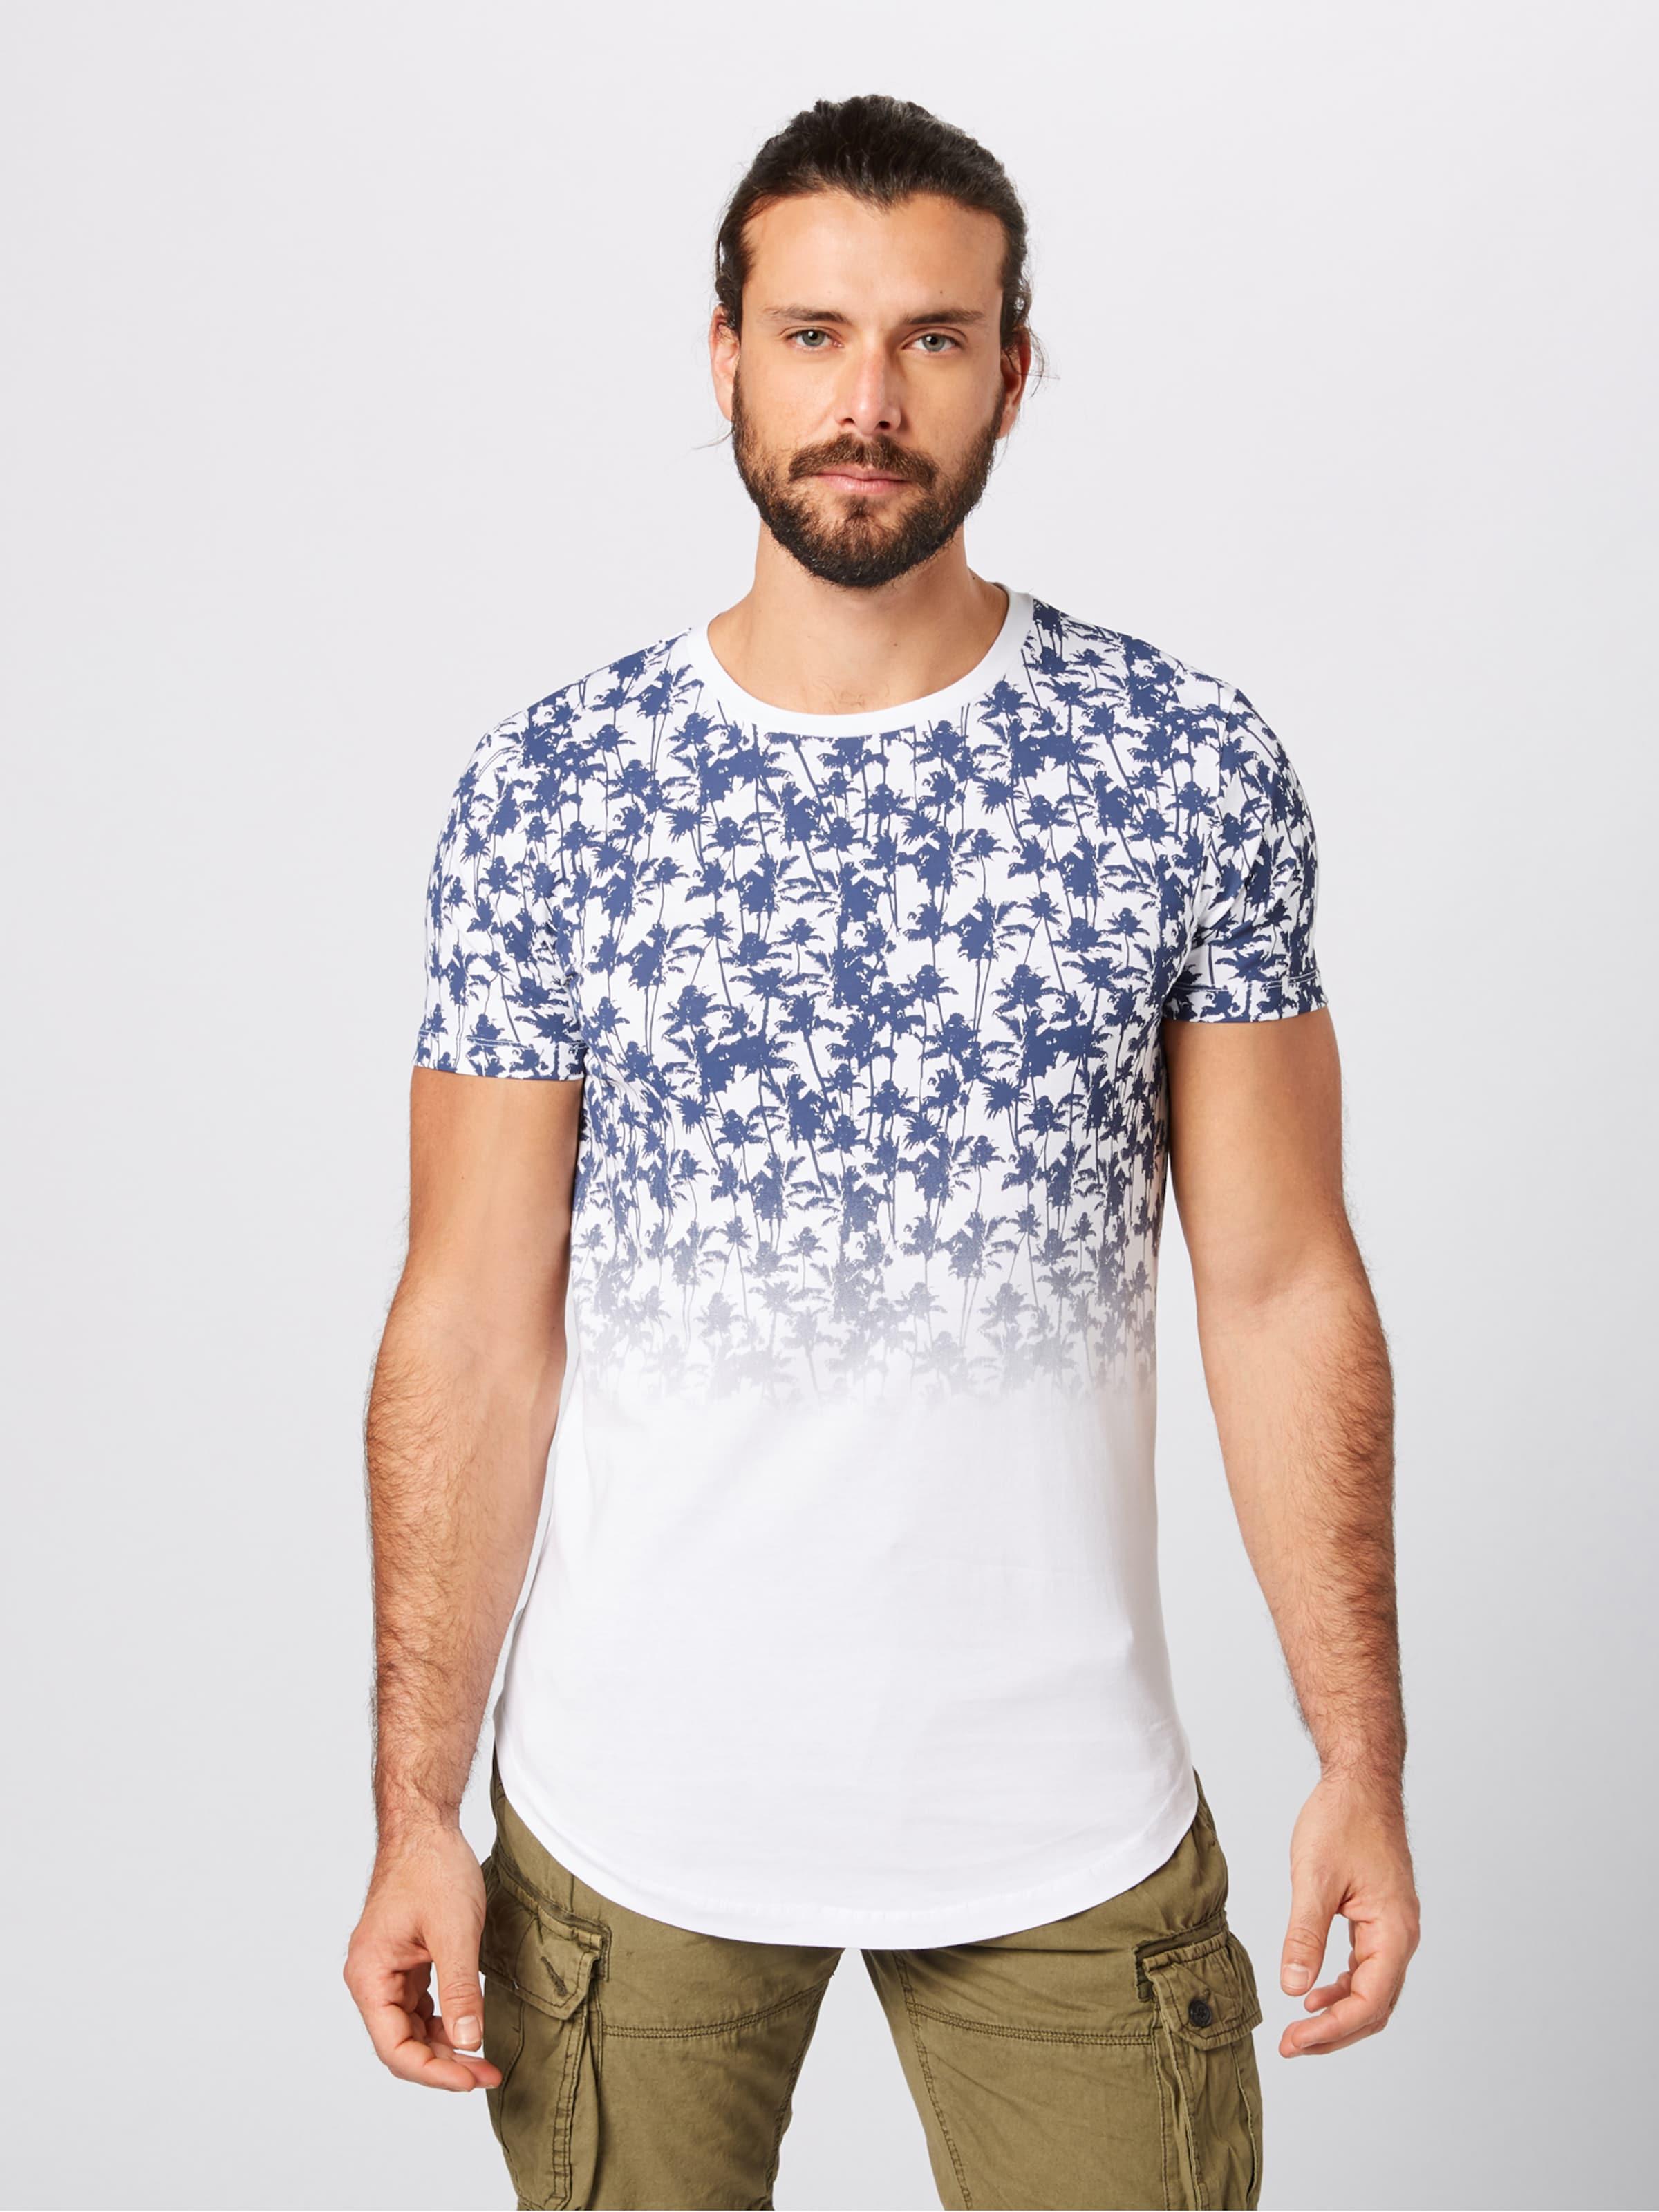 Tom shirt T De Denim CouleursBlanc Mélange En Tailor GLqpSUzVM